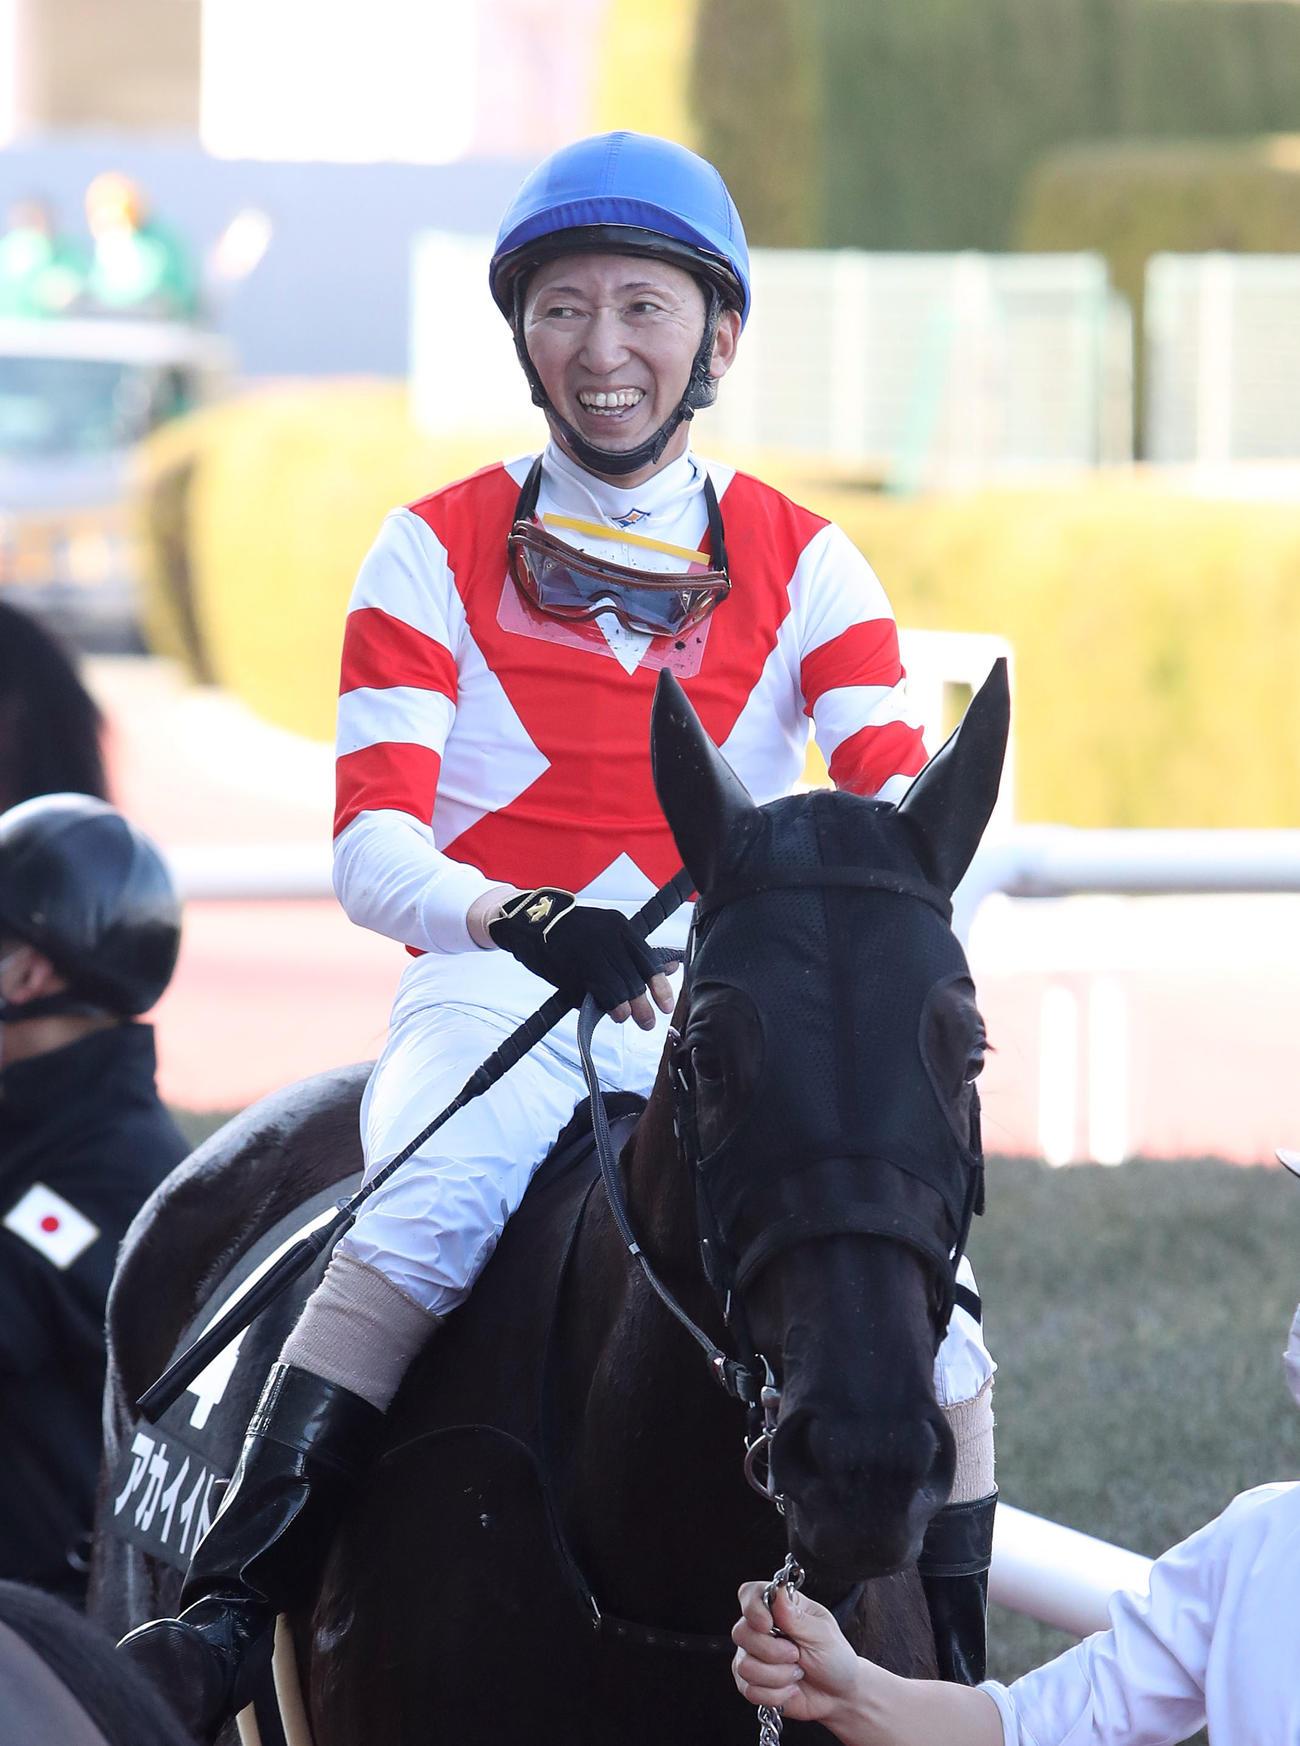 騎手生活のフィナーレを迎える蛯名正義騎手。写真は13日、阪神競馬場でアカイイトの鞍上